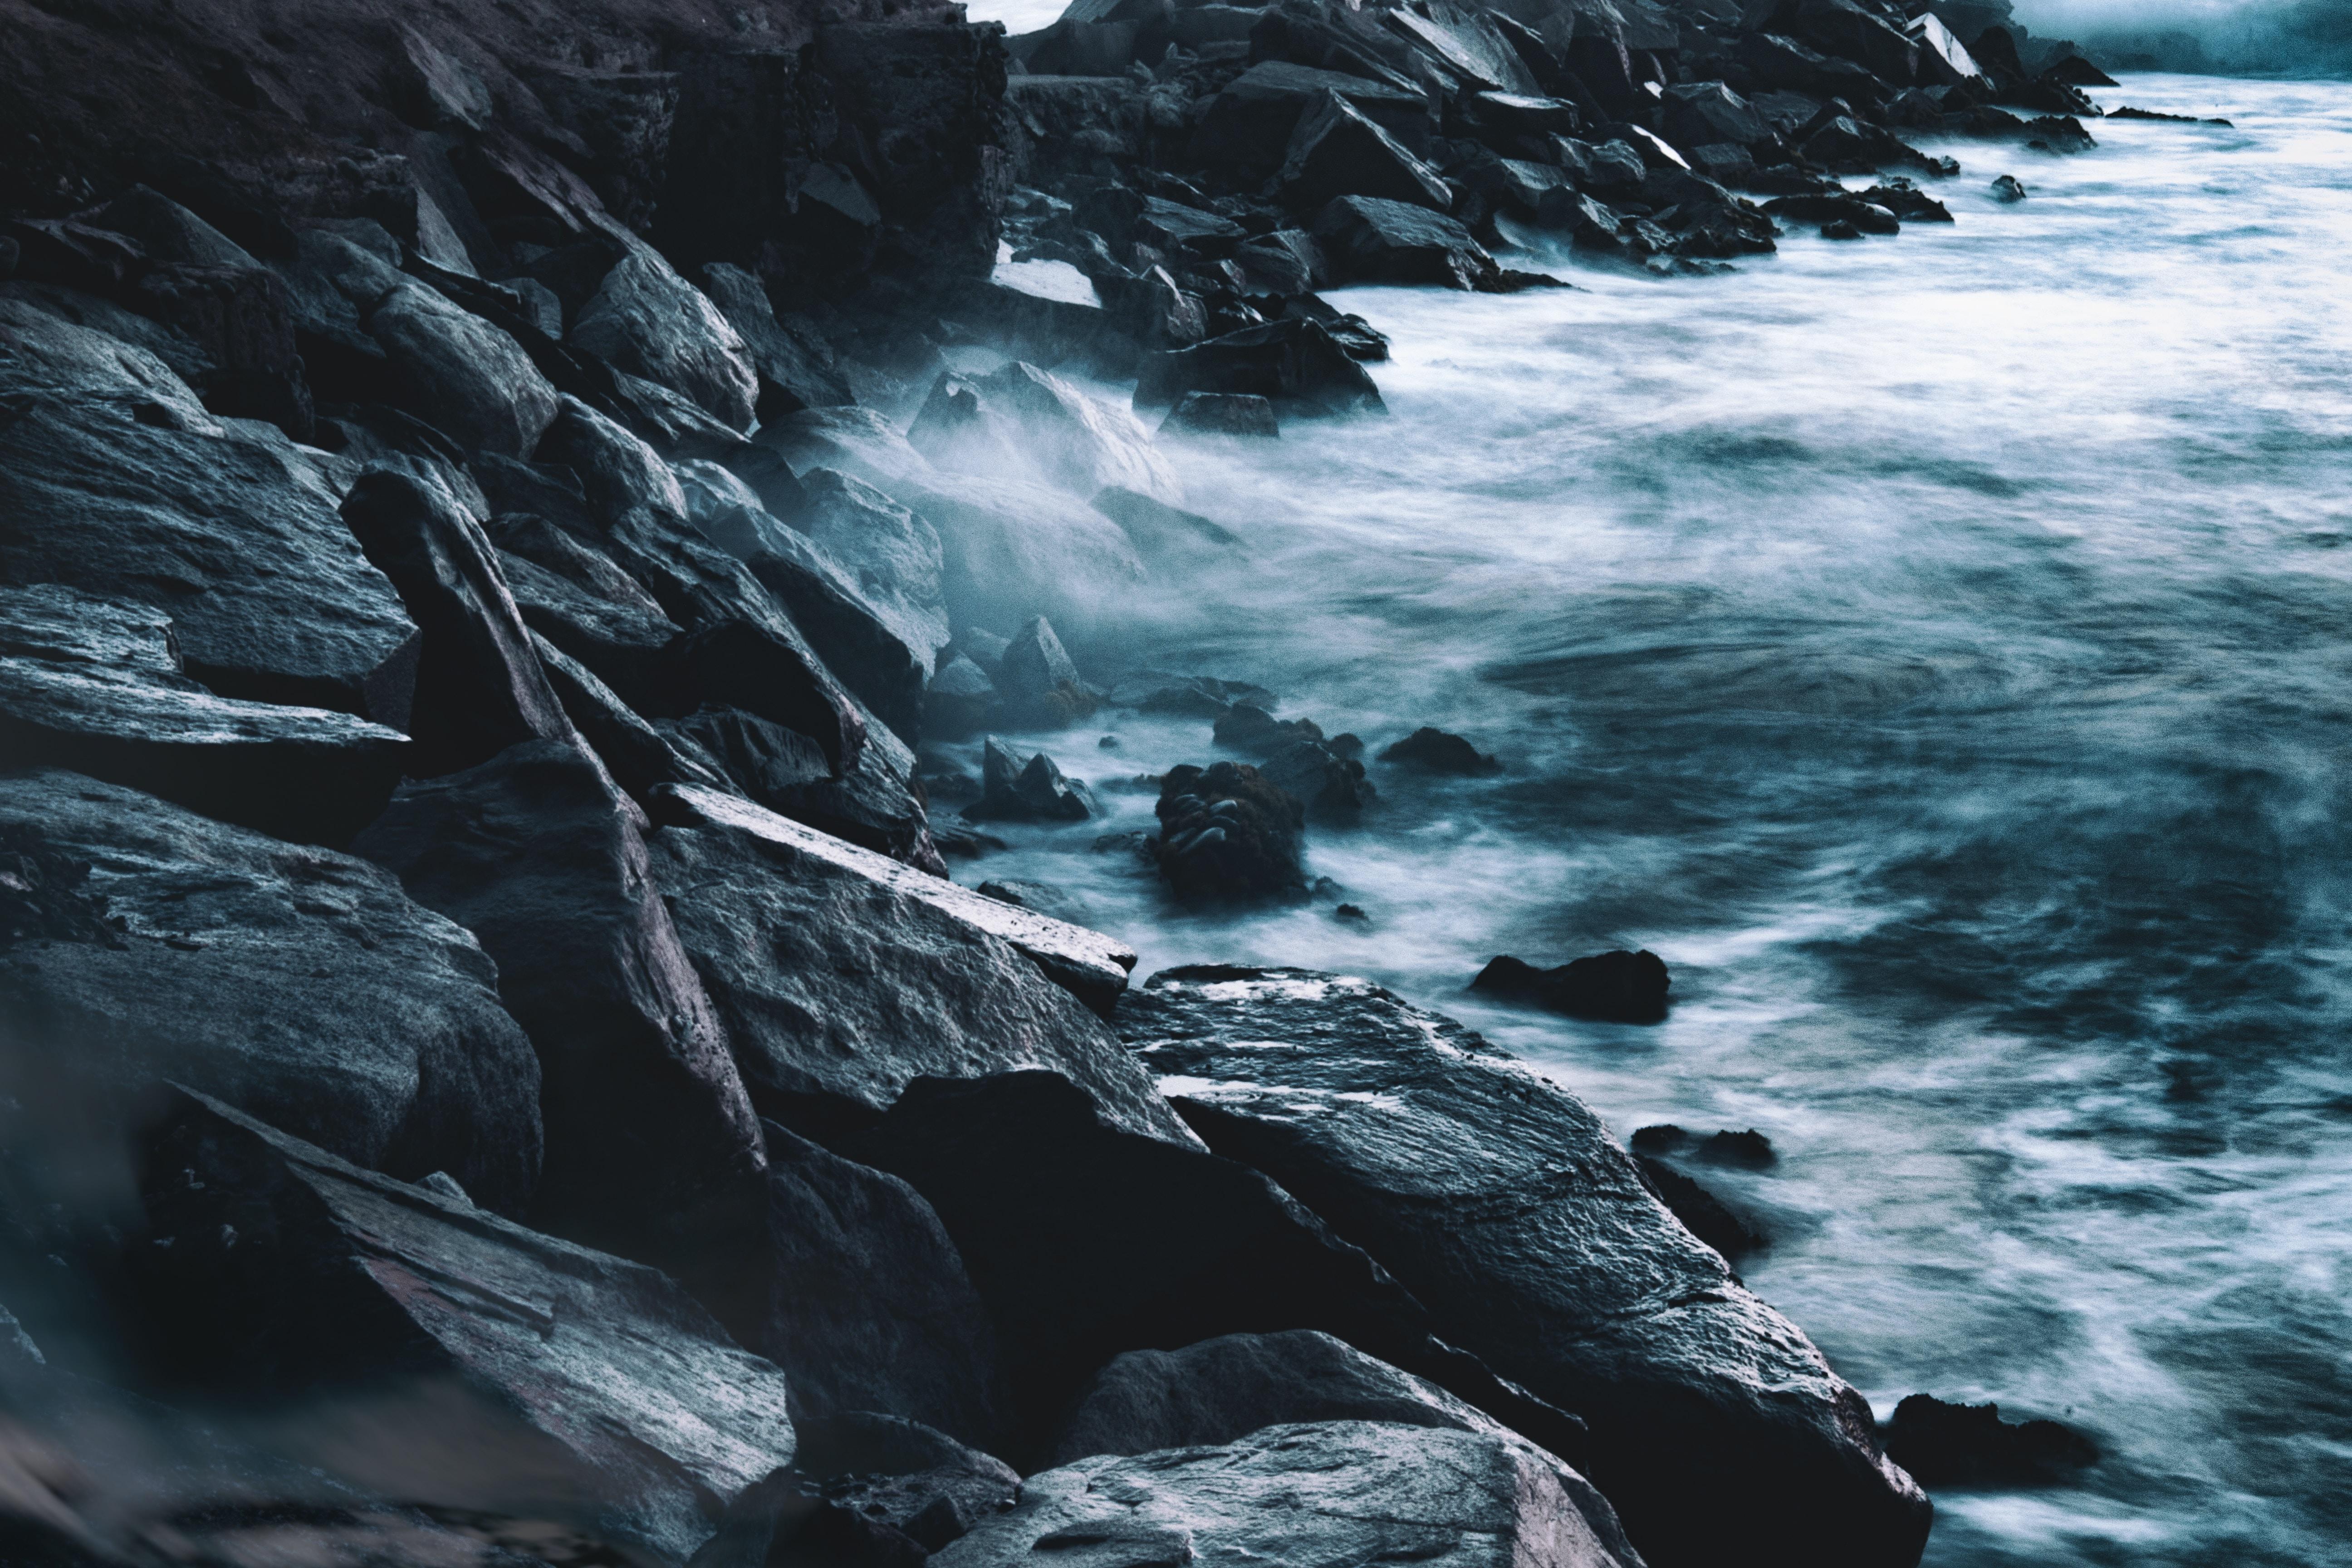 splashing waves on rocks